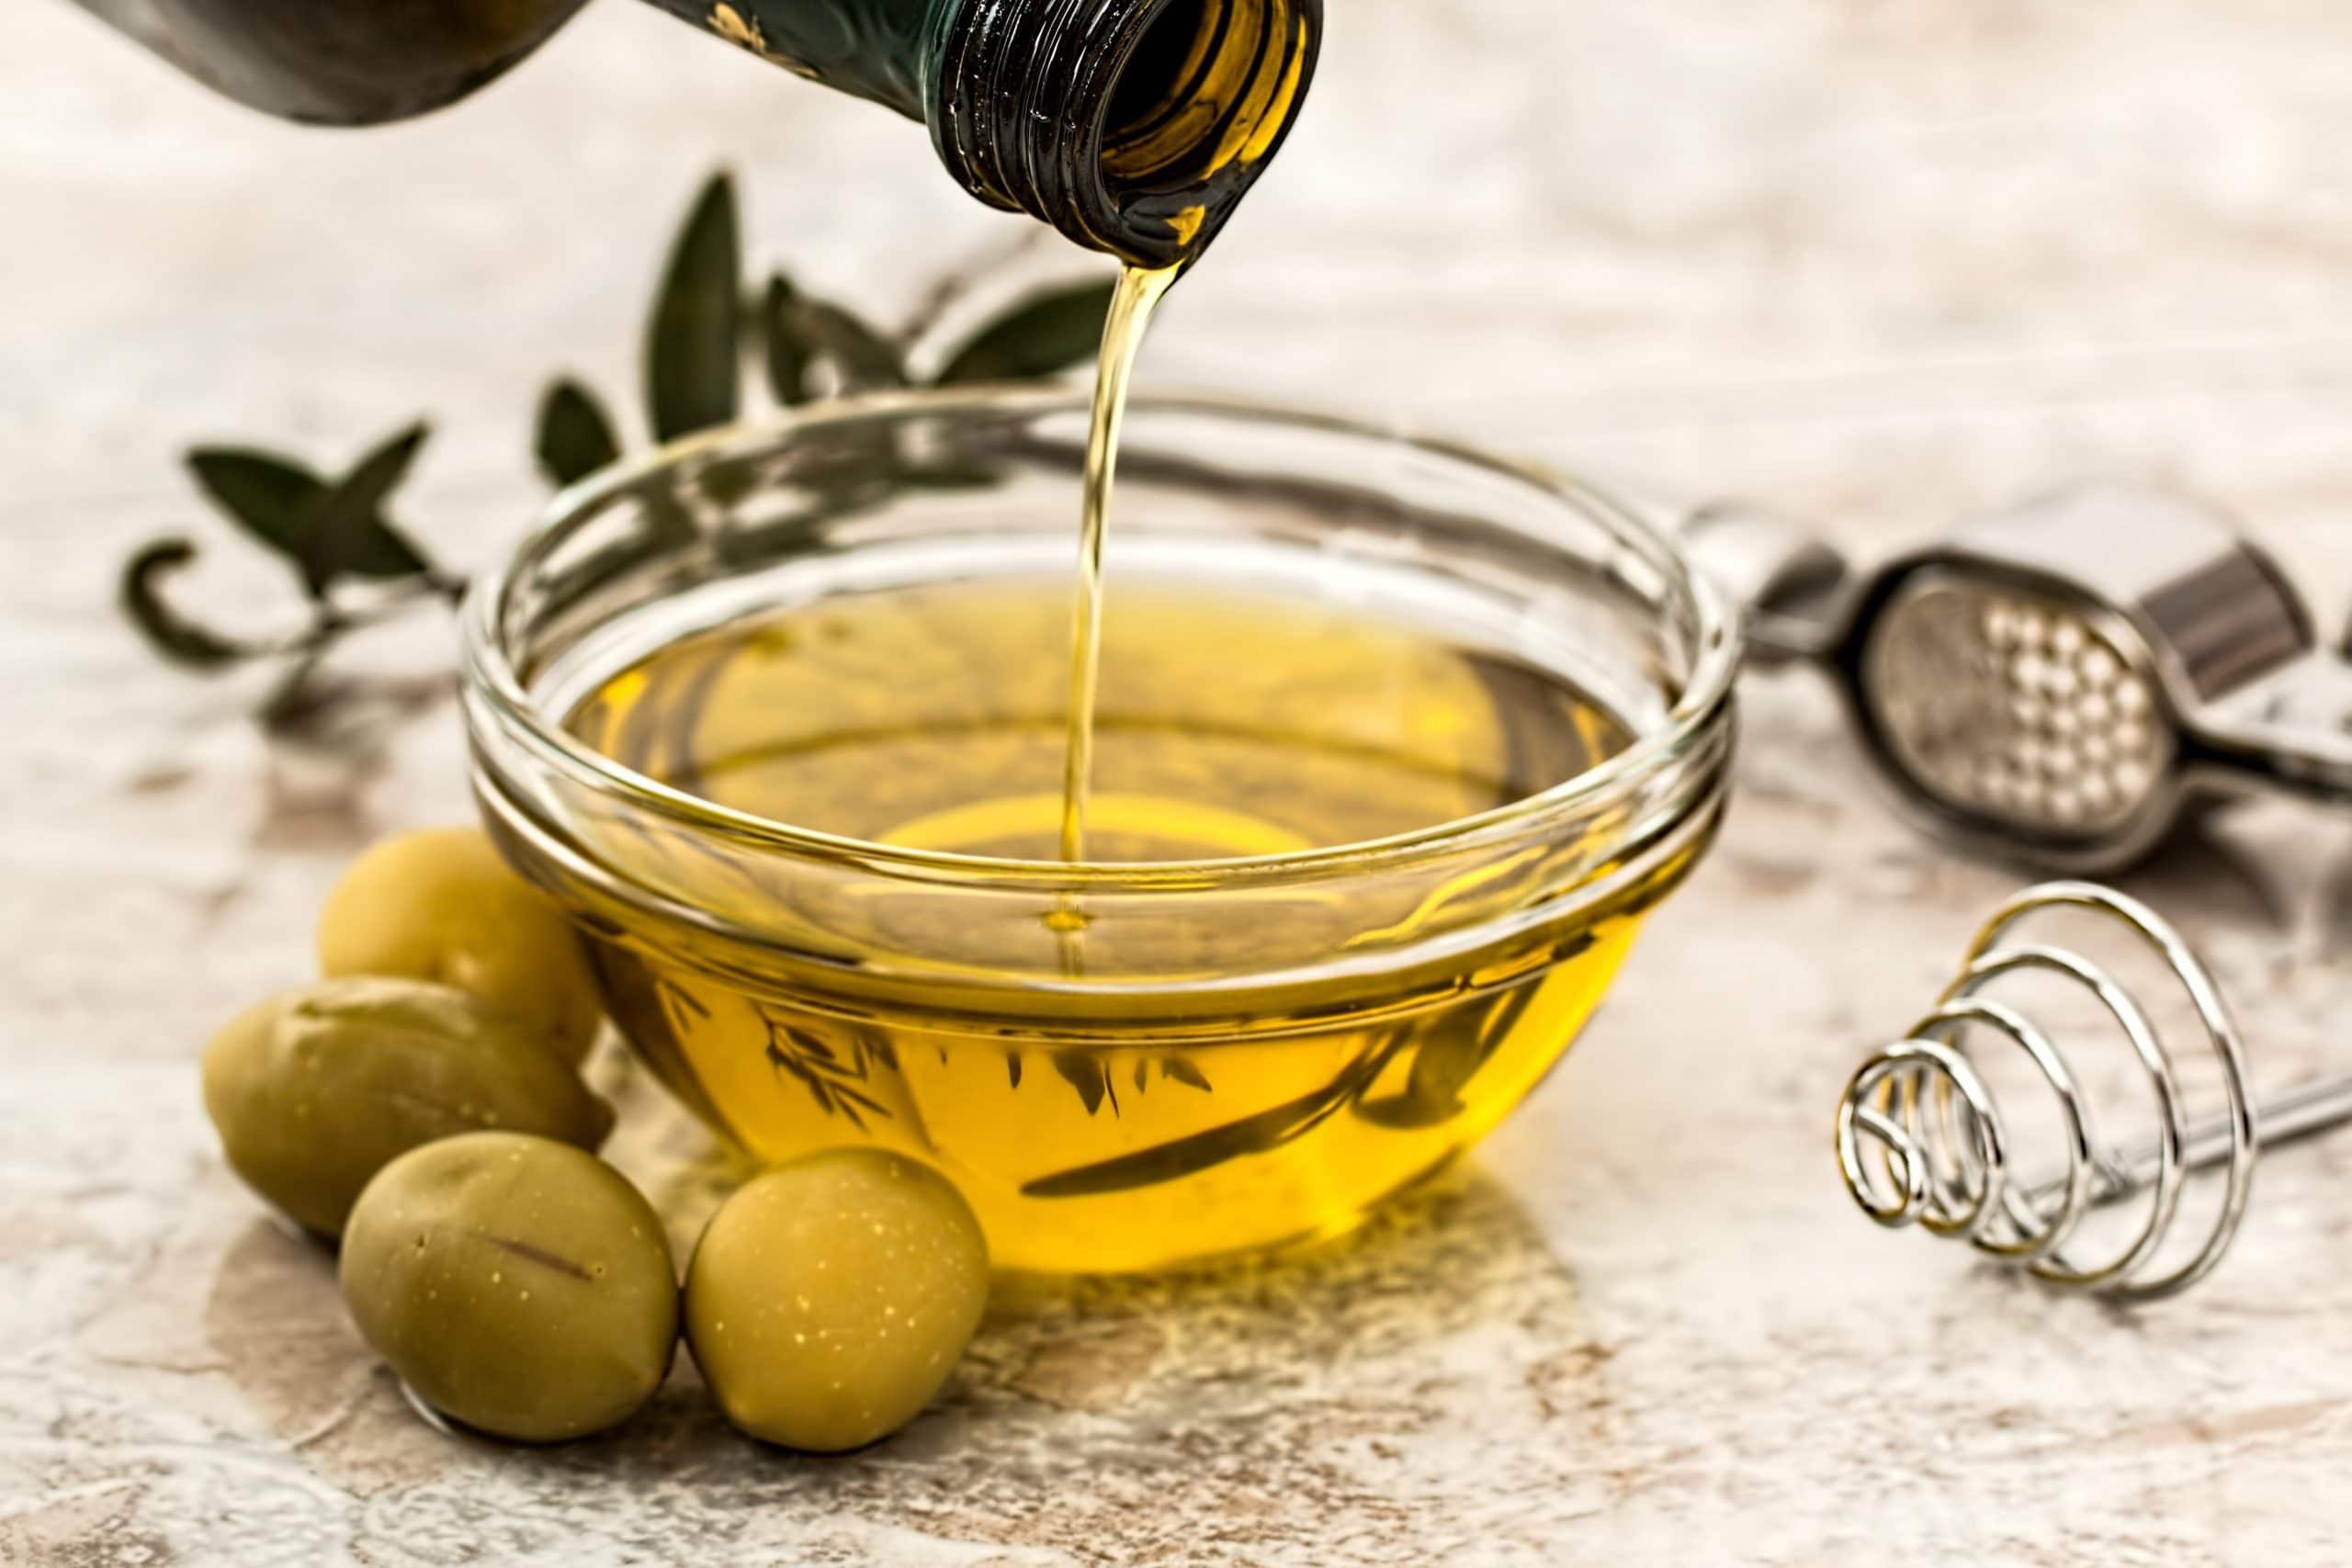 fles olijfolie in schaaltje en olijven ernaast